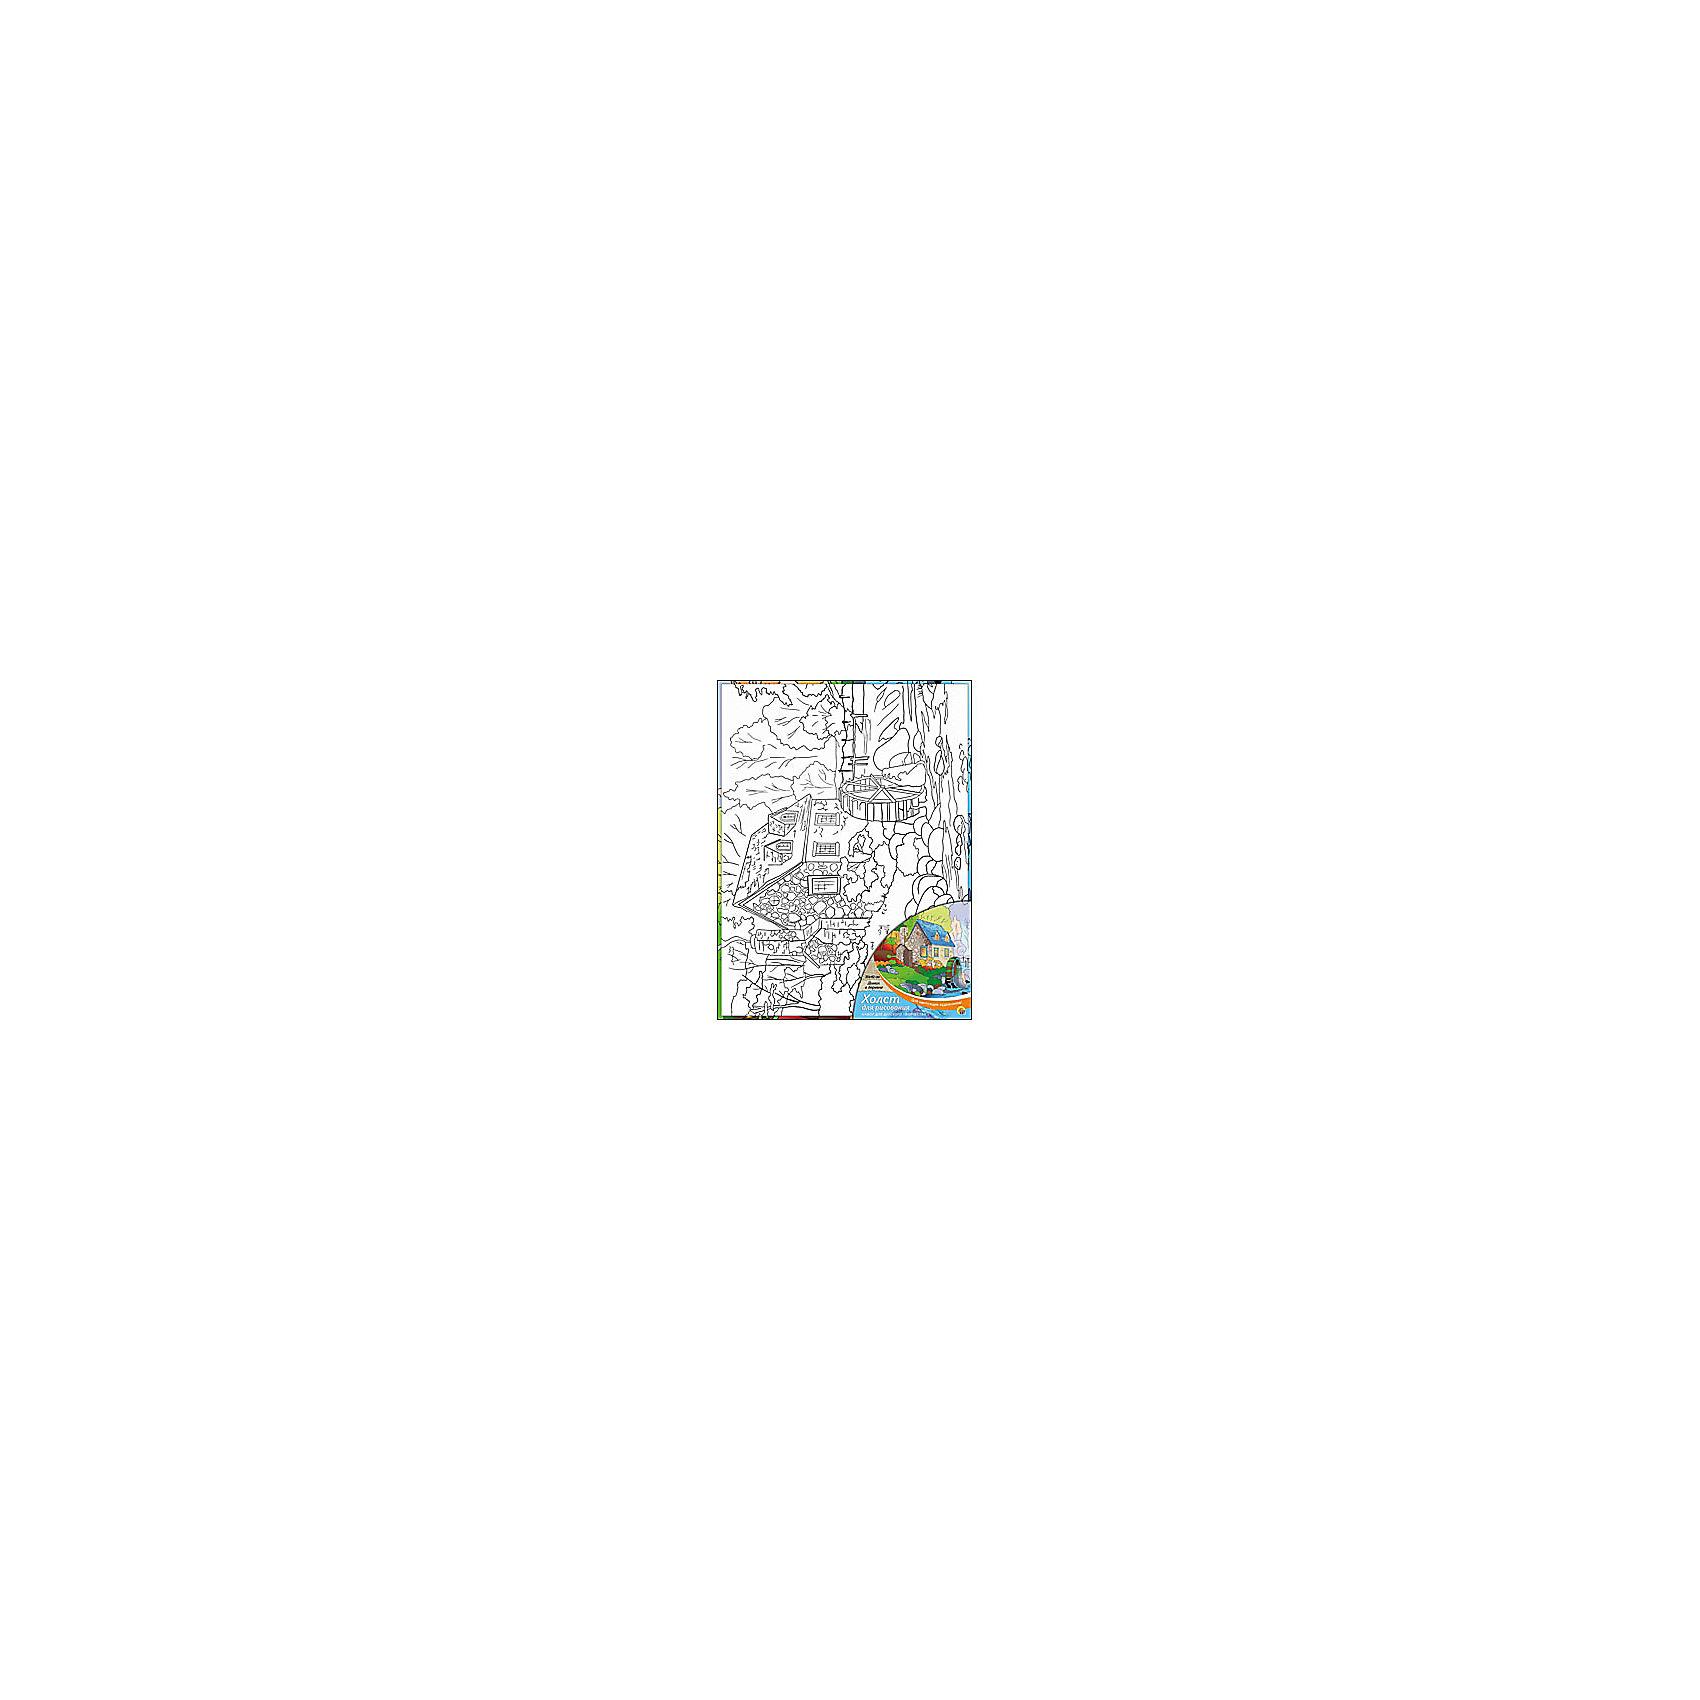 Холст с красками Домик в деревне, 30х40 смДля любителей творчества прекрасно подойдет набор Домик в деревне. Ребенок раскрасит нанесенный на холст эскиз яркими акриловыми красками. Такое творчество поможет развить аккуратность, усидчивость и художественные навыки. Готовую картину можно подарить друзьям или оставить для украшения своей комнаты.<br><br>Дополнительная информация:<br>В наборе: холст-эскиз, 16 акриловых красок, кисточка<br>Размер: 30х1,5х40 см<br>Вес: 370 грамм<br>Вы можете приобрести холст с красками Домик в деревне в нашем интернет-магазине.<br><br>Ширина мм: 400<br>Глубина мм: 15<br>Высота мм: 300<br>Вес г: 370<br>Возраст от месяцев: 36<br>Возраст до месяцев: 120<br>Пол: Унисекс<br>Возраст: Детский<br>SKU: 4939548